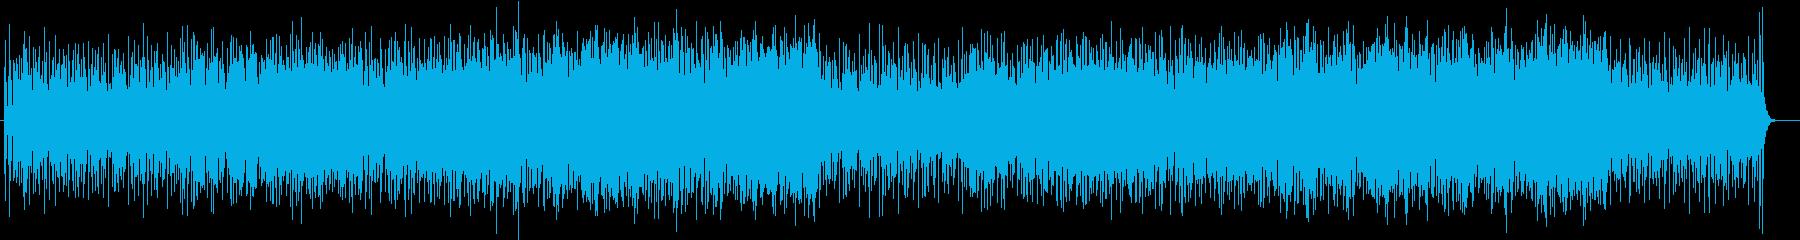 爽快ではじけるシンセサイザーサウンドの再生済みの波形